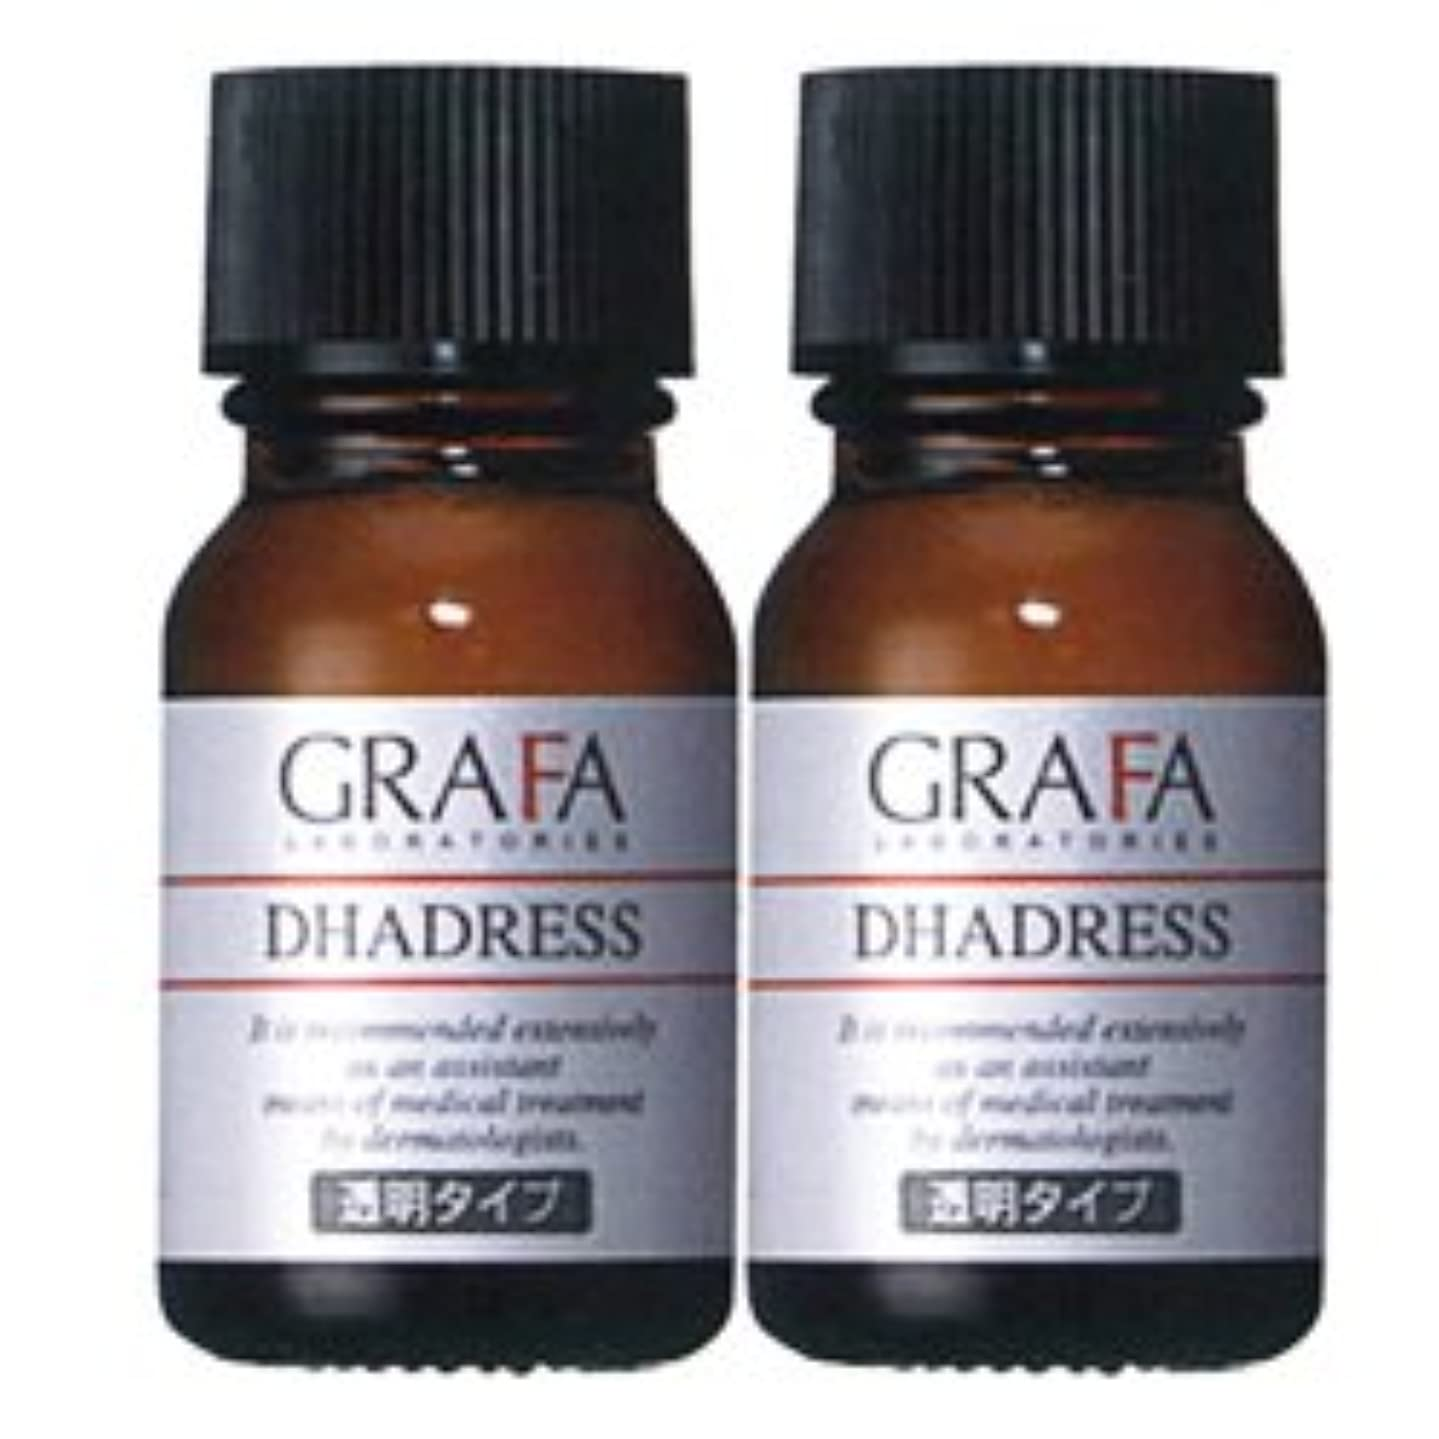 効果ナプキン副産物グラファ ダドレス (透明タイプ) 11mL 着色用化粧水 GRAFA DHADRESS